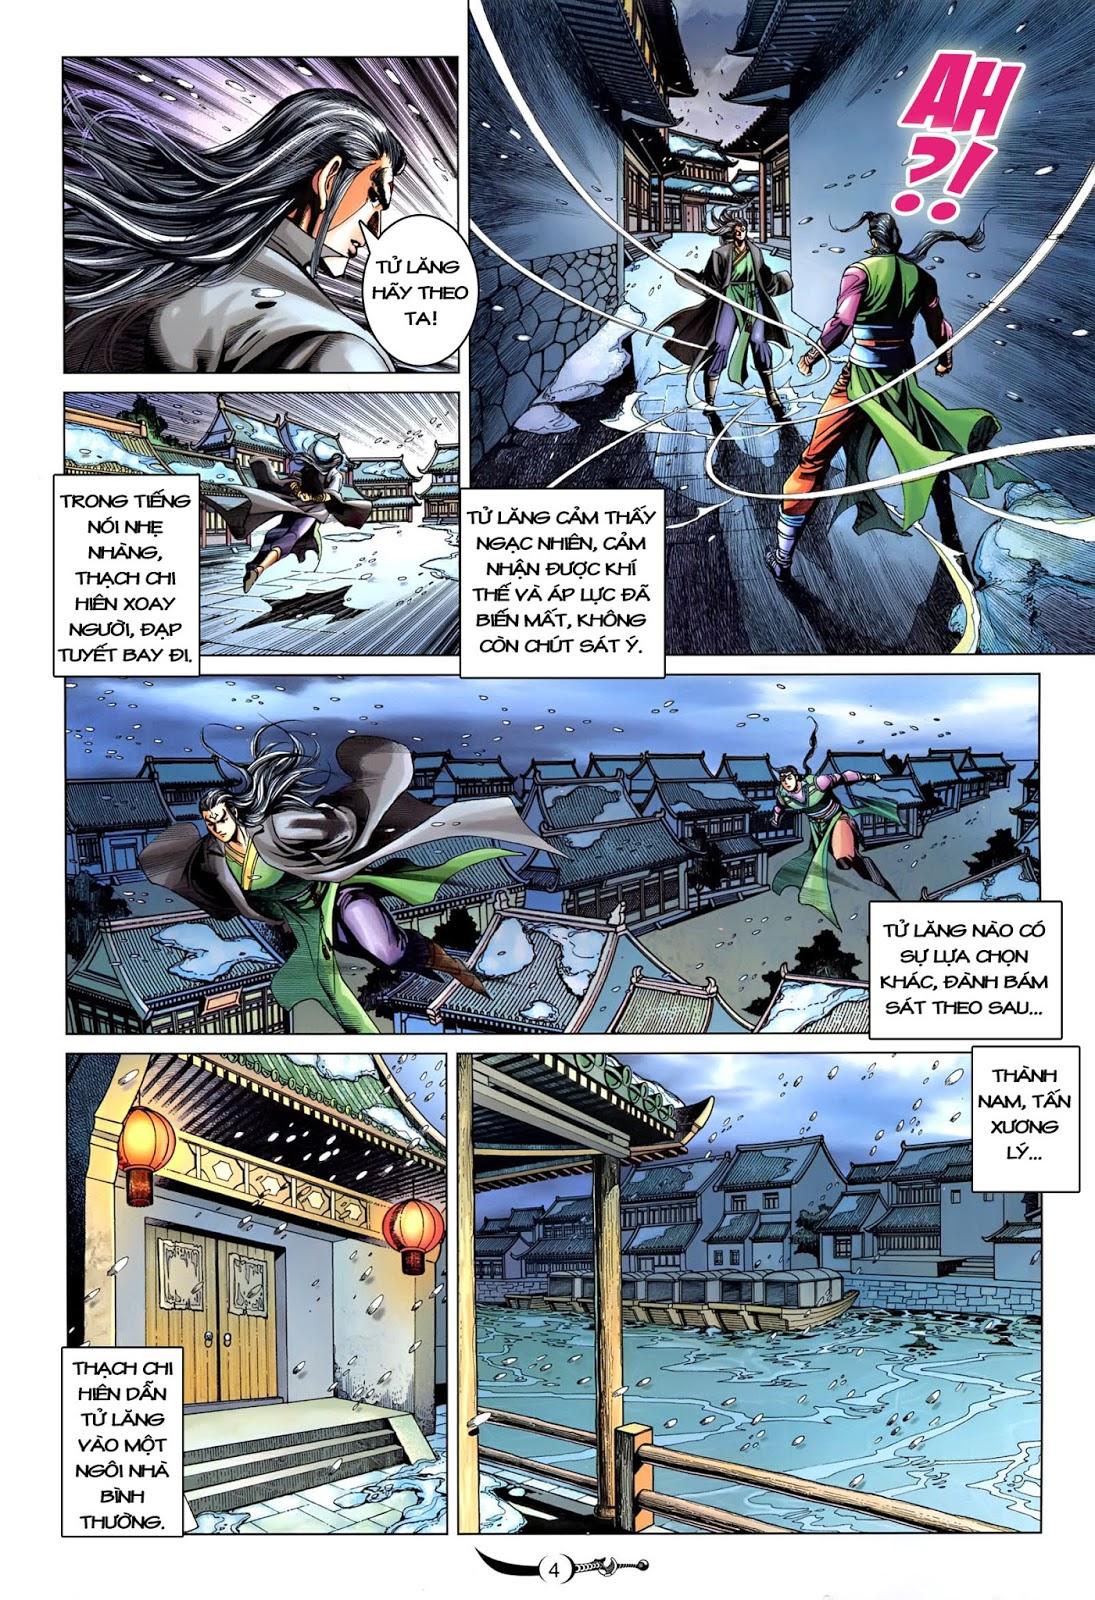 Đại Đường Song Long Truyện chap 216 - Trang 6